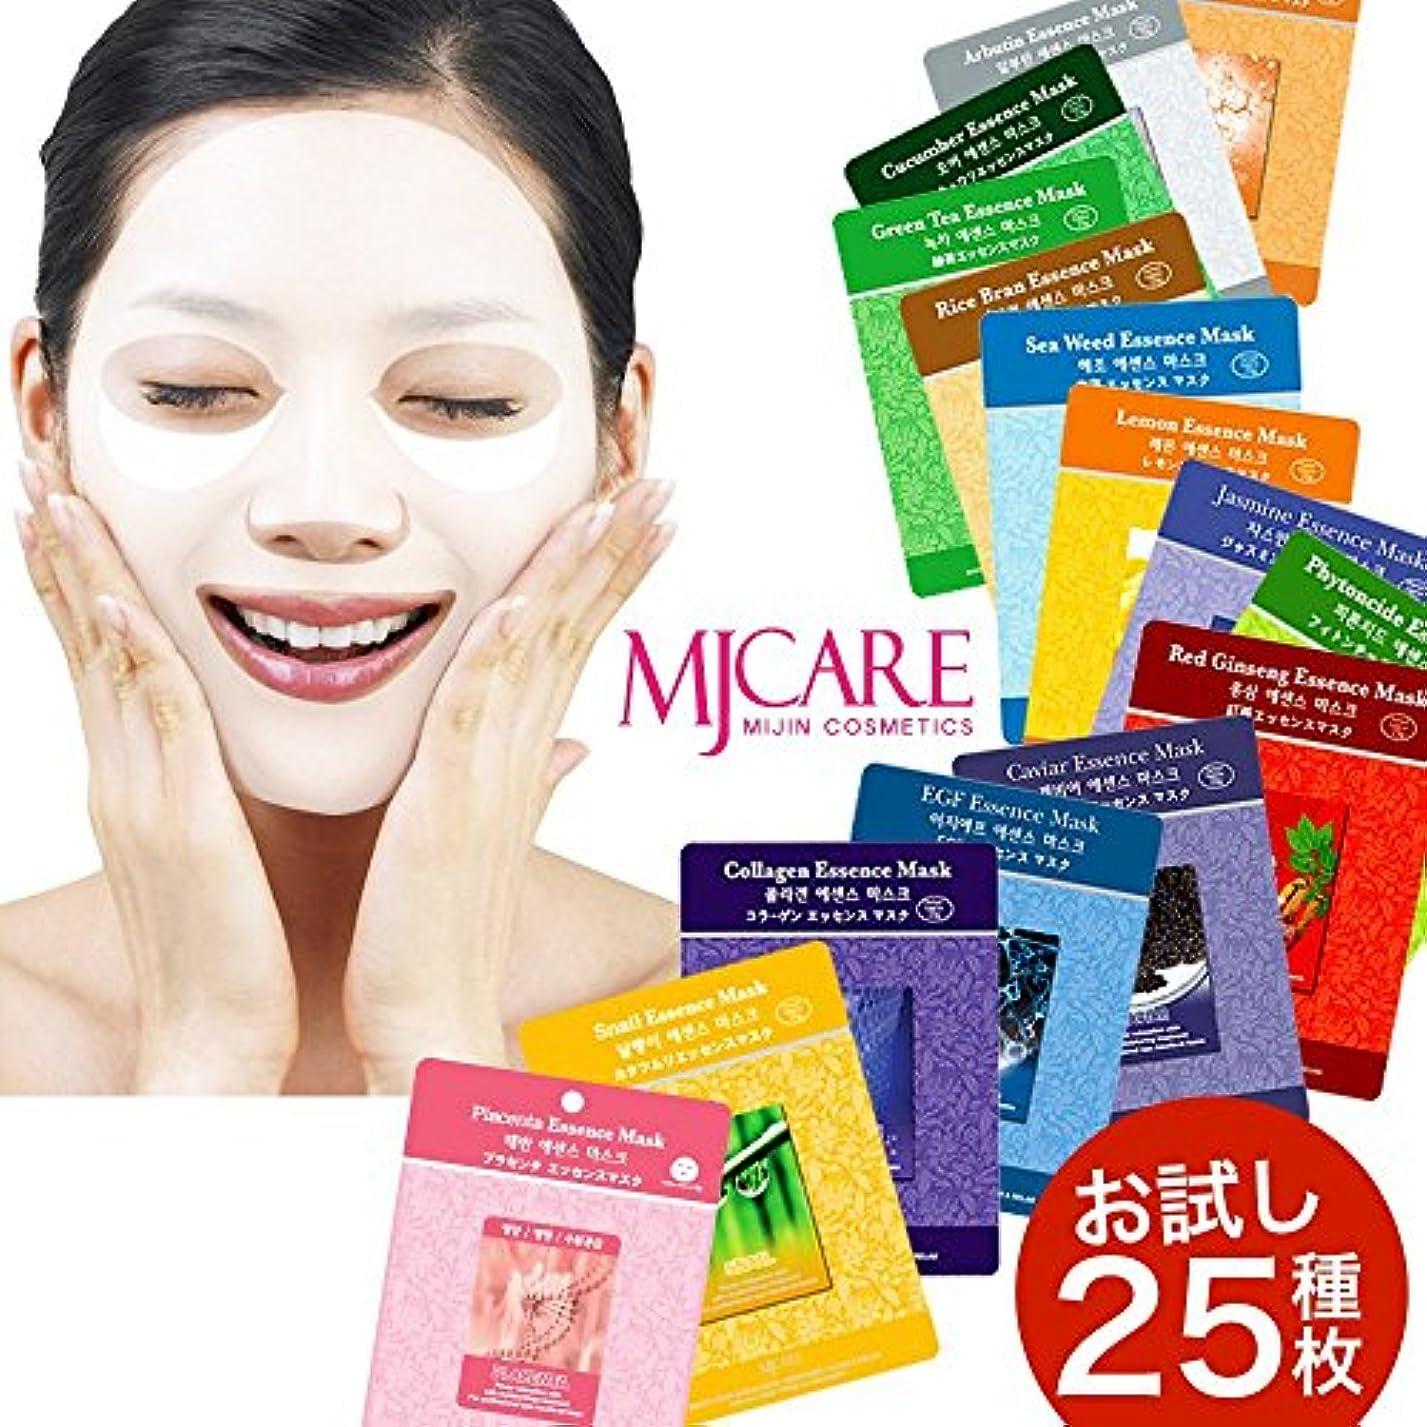 成人期さびた反応するシートマスク フェイスパック フェイスマスク MJcare オススメ 25枚 set